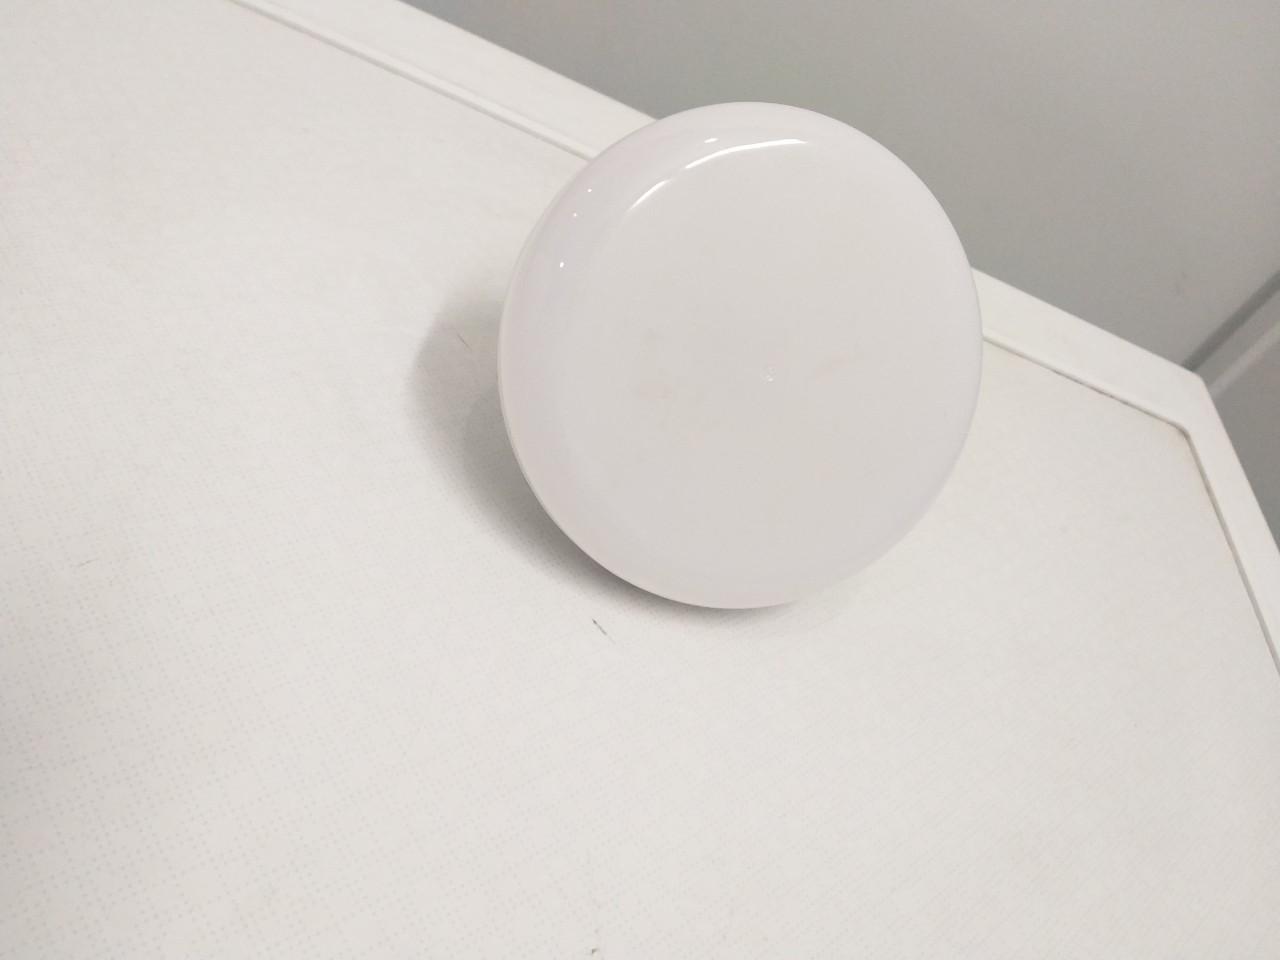 Đèn Led đĩa bay đui xoáy ánh sáng trắng ( 18W - 24W - 36W - 50W ) cao cấp